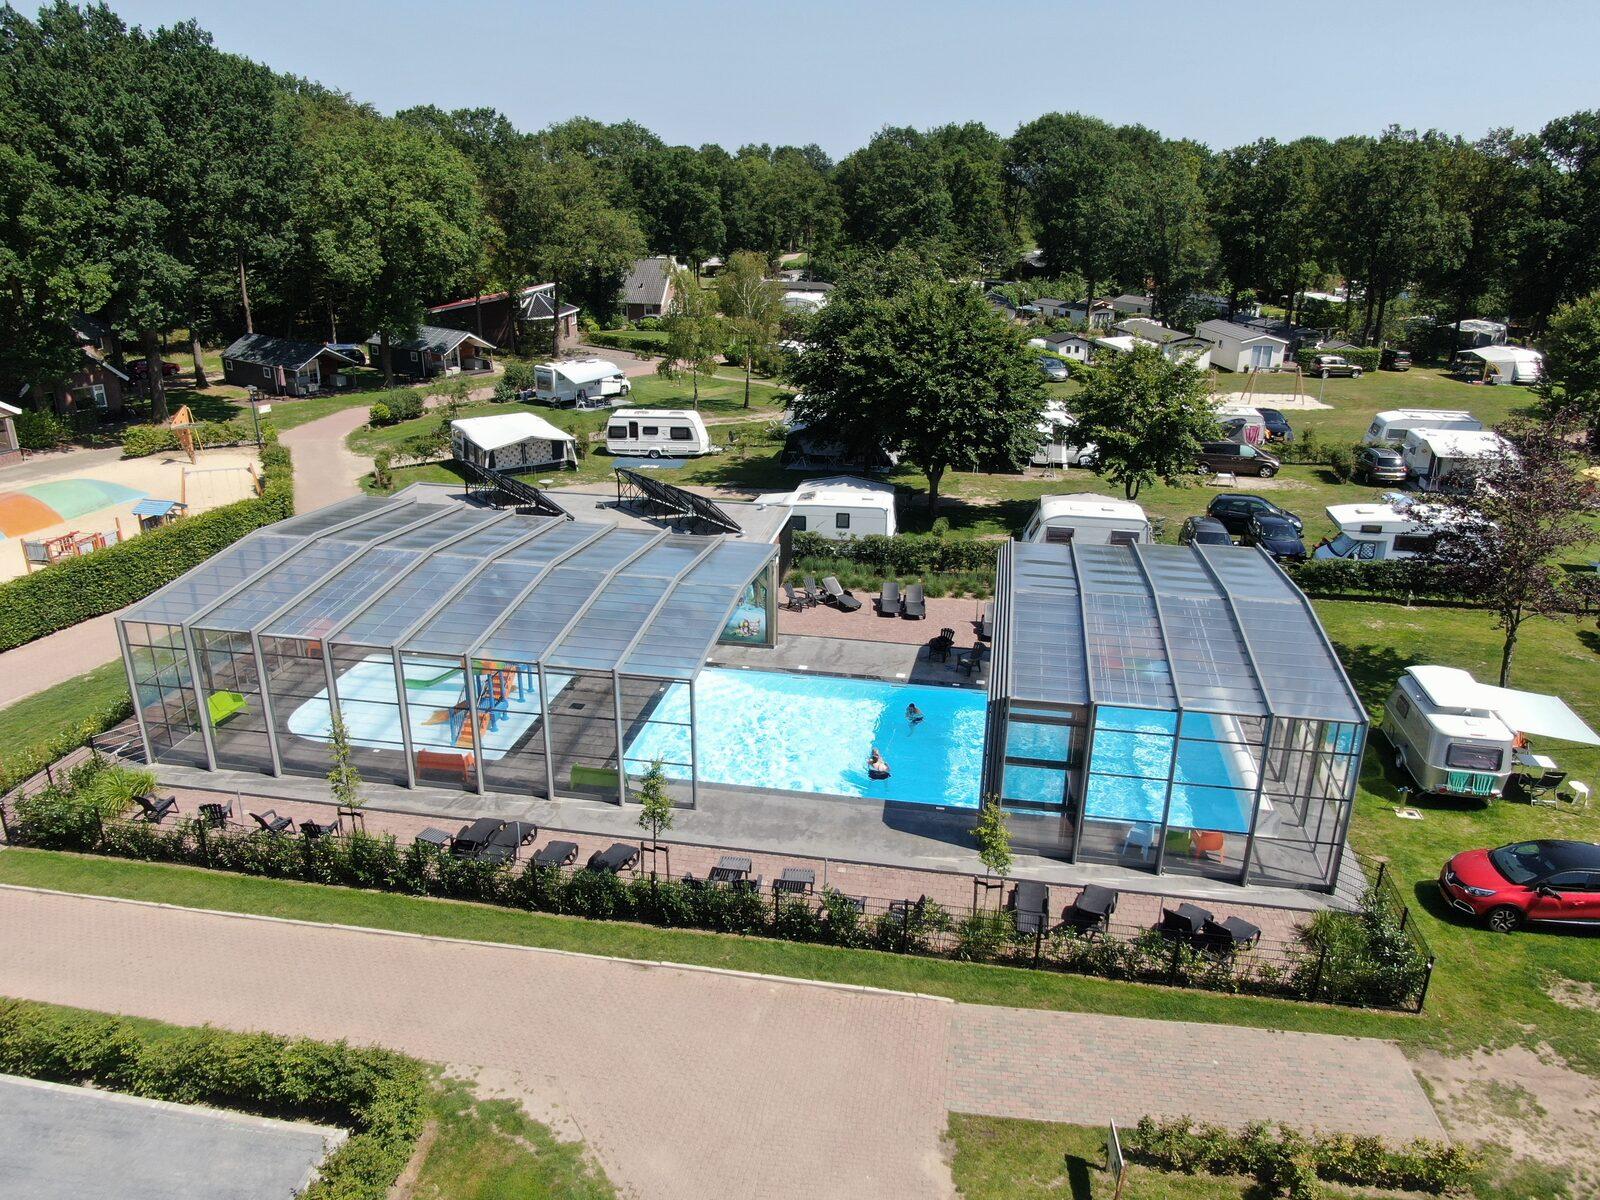 Camping Twente met zwembad